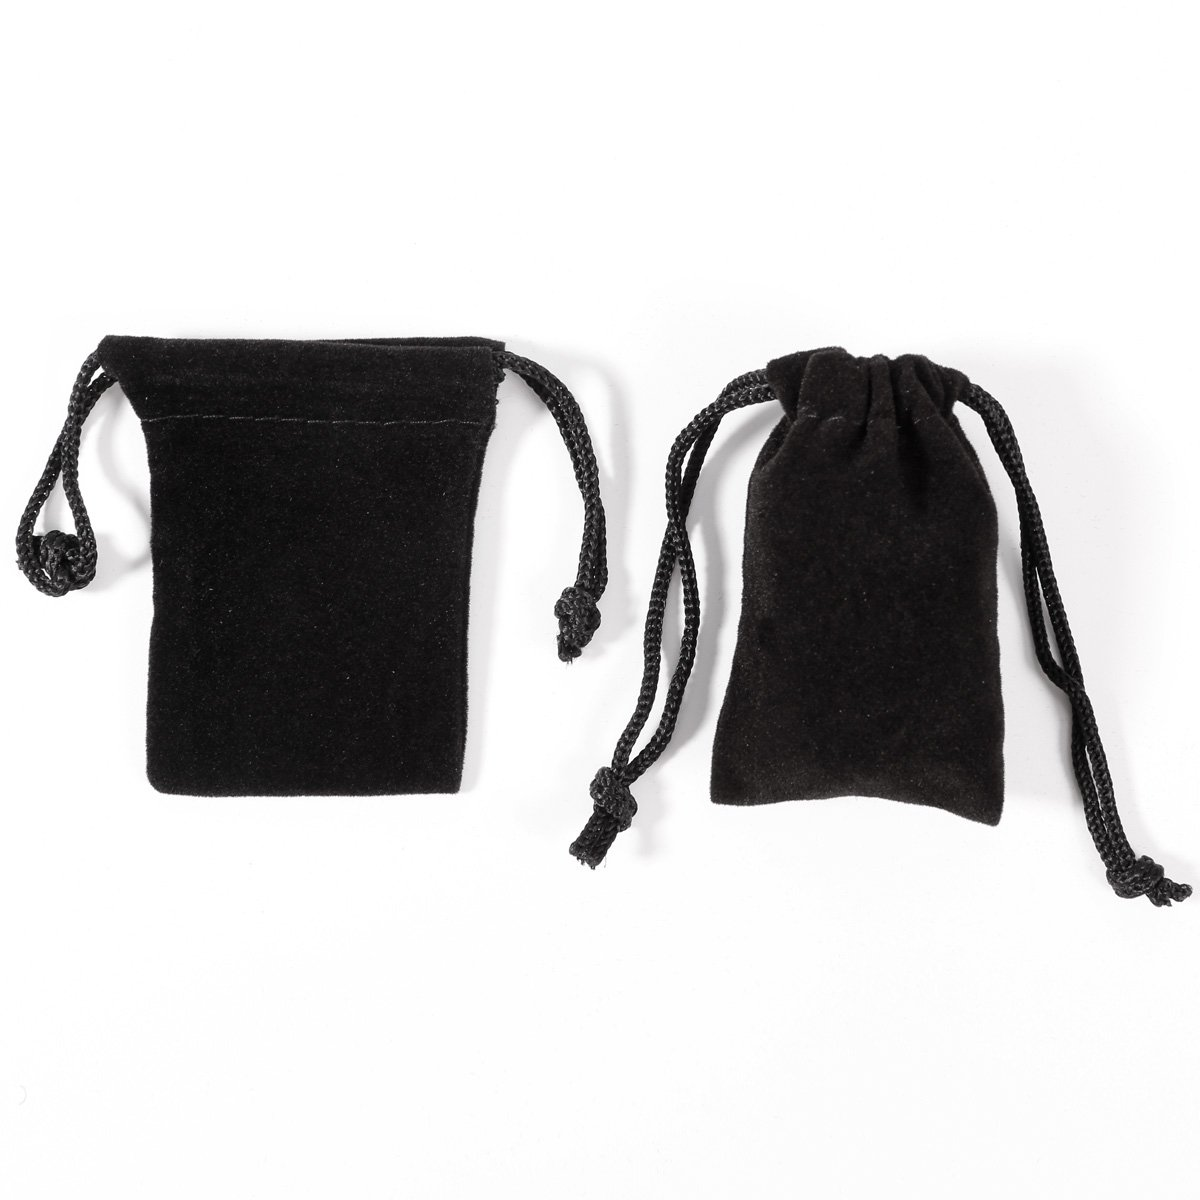 50pcs Bolsa de Organza Bolsitas de Terciopelo Negra para regalo Joyer/ía pendientes pulsera colgante anillo 5x7cm